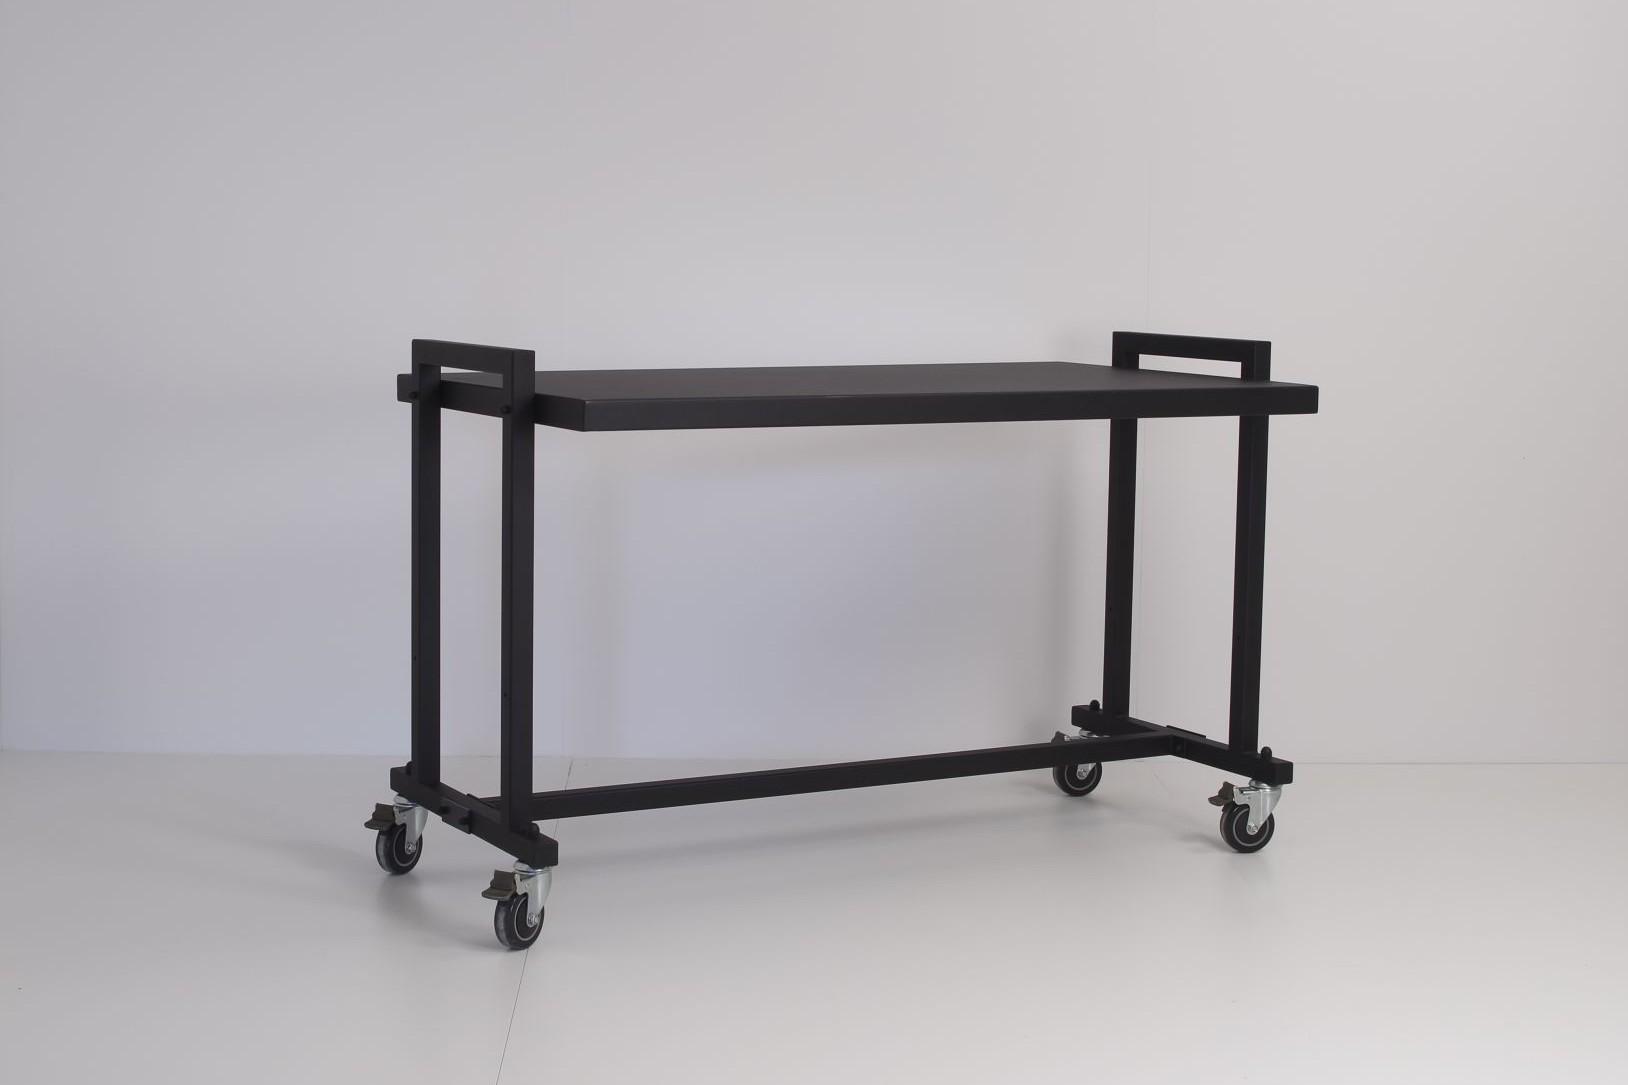 Bordet til gaden med 1 bordplade er en del af gadeinventar serien